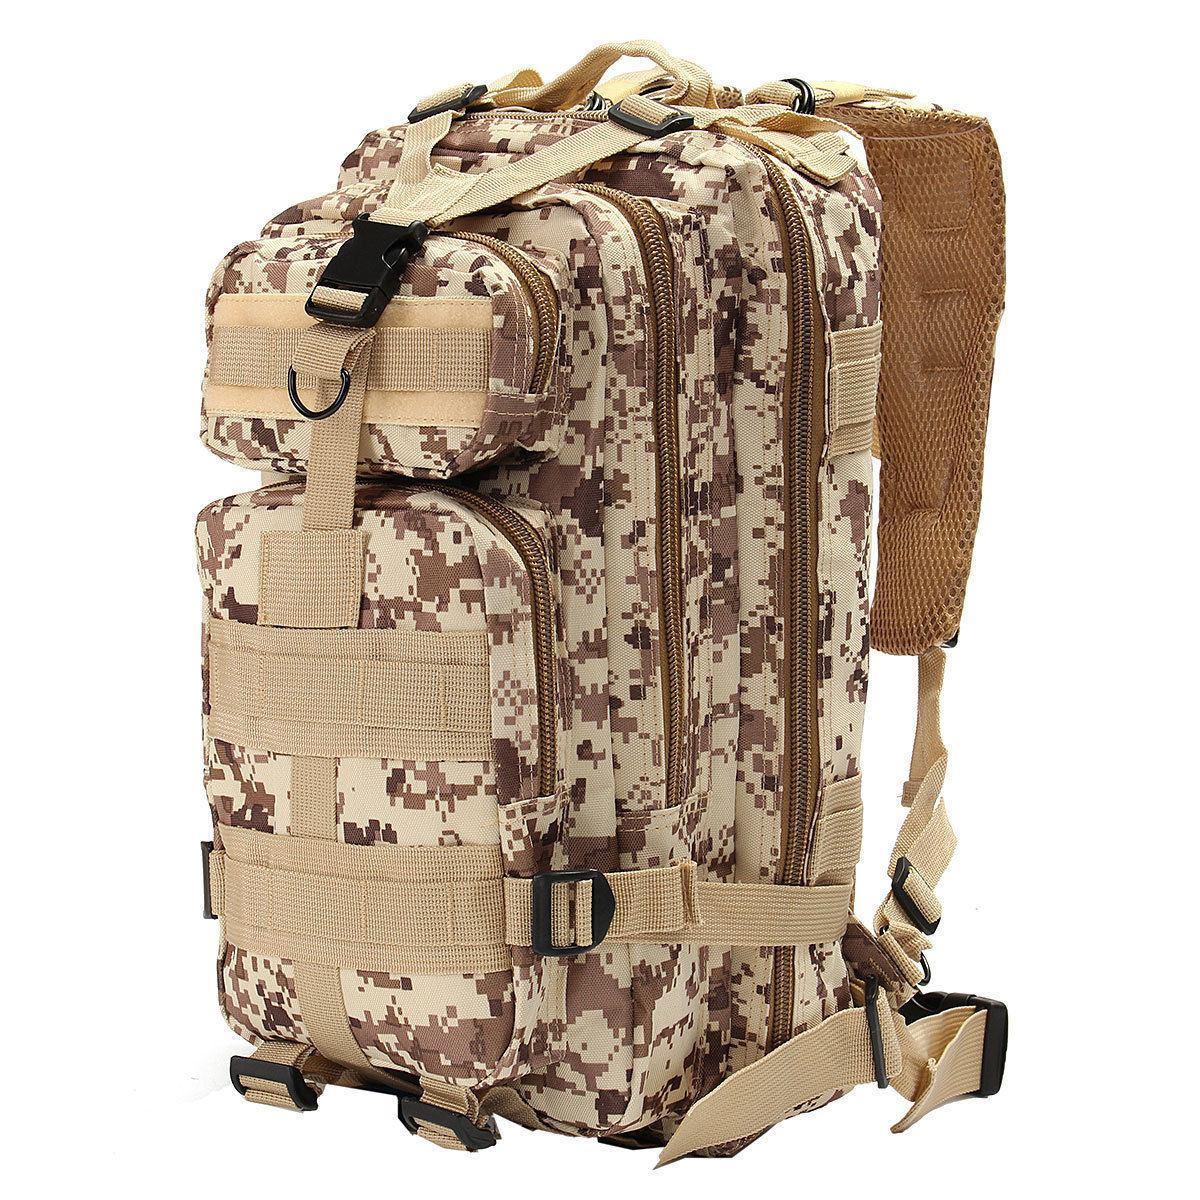 Тактичний, похідний рюкзак Military. 25 L. Камуфляжний, піксель, мілітарі. / T413